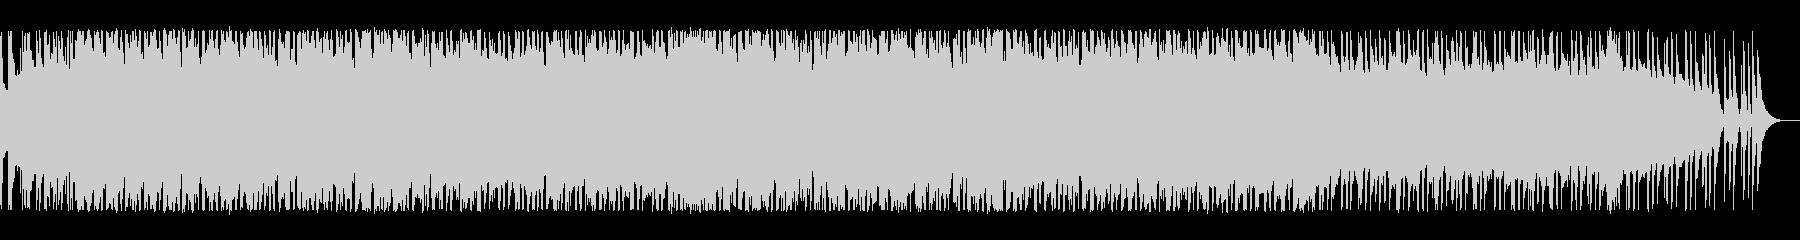 明るく爽やかなブリティッシュロックの未再生の波形